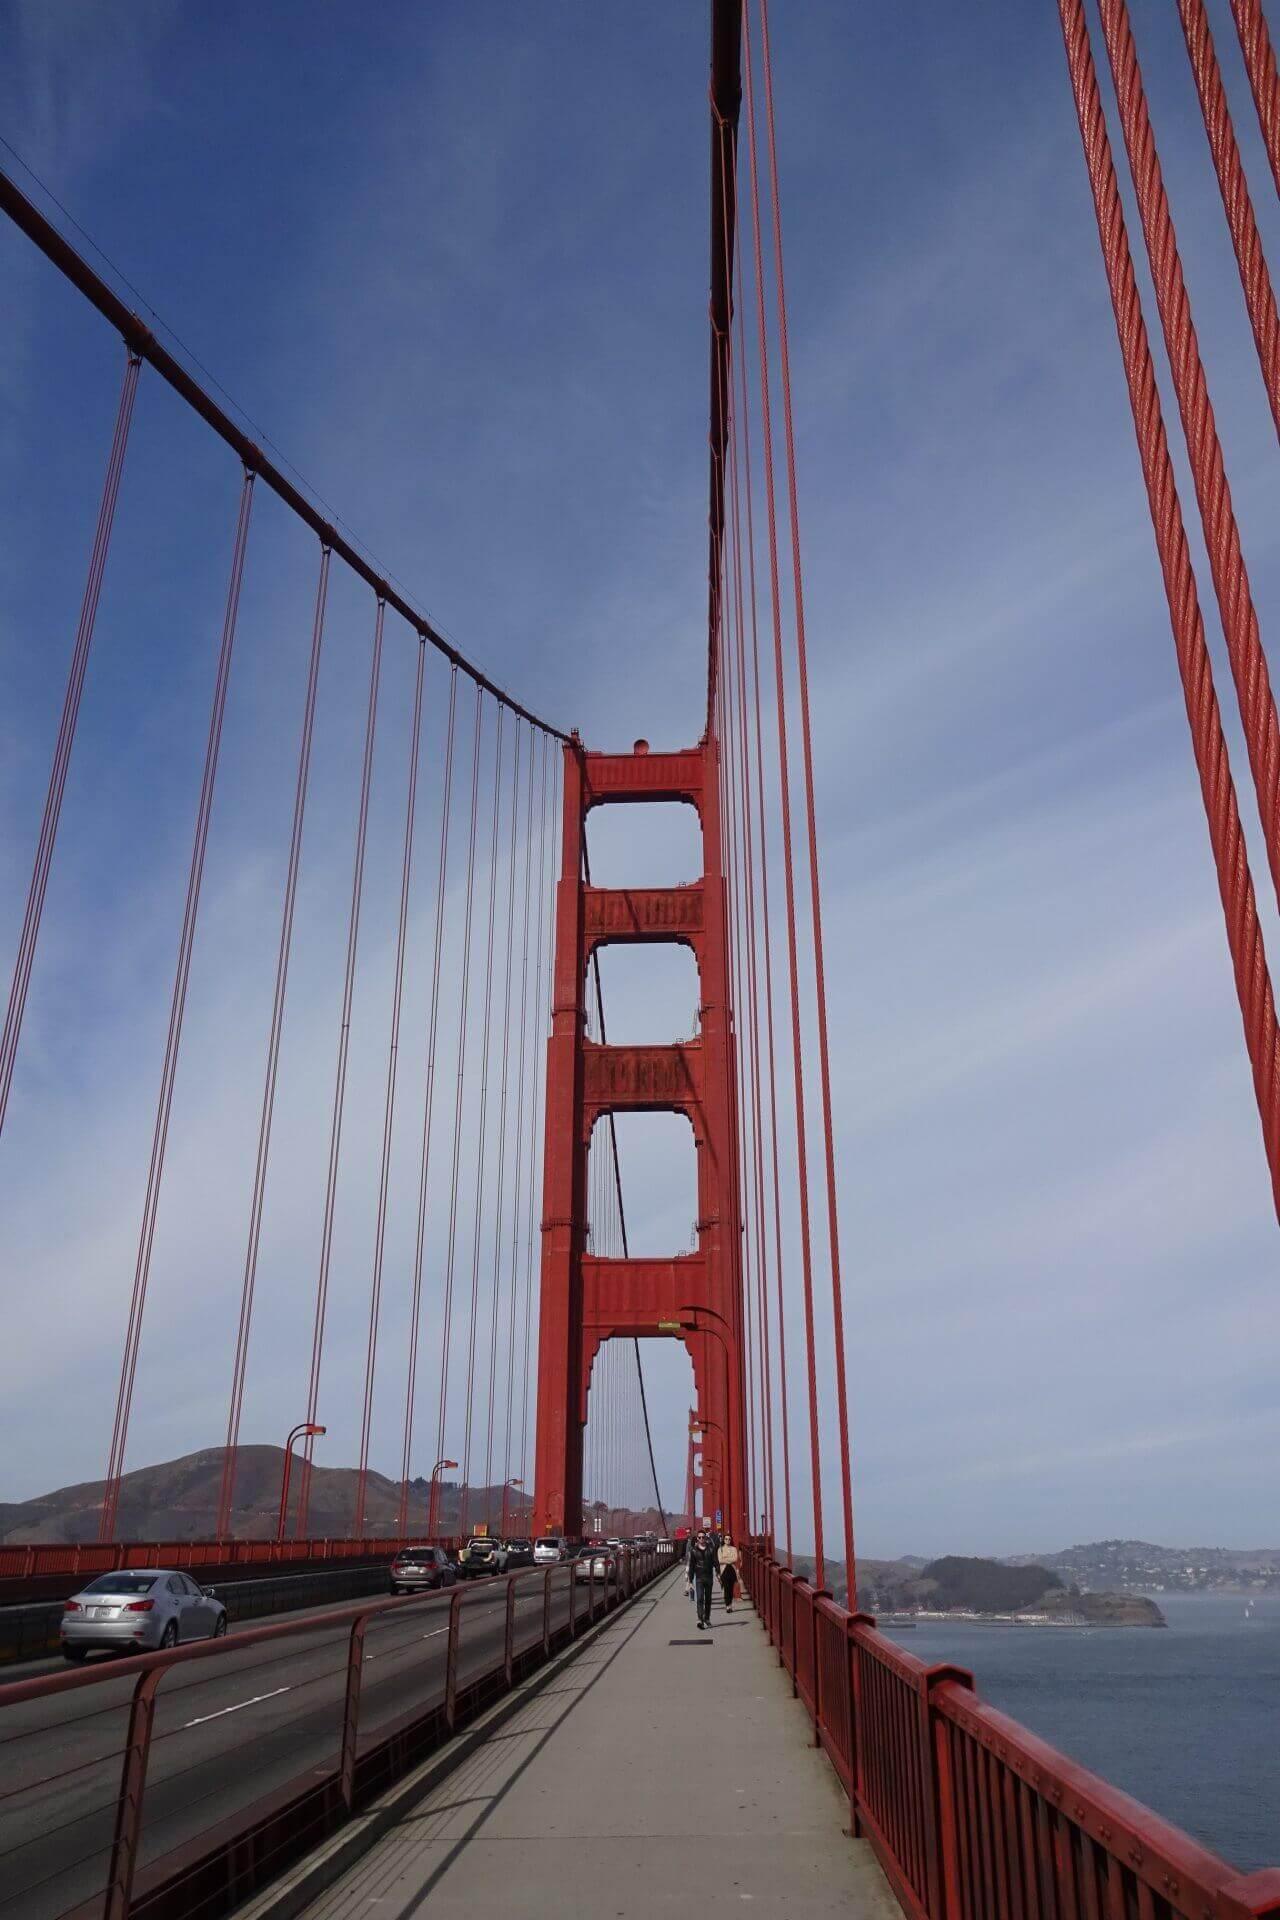 Auf der Golden Gate Bridge. Bilder und Eindrücke aus San Francisco, California, United States.